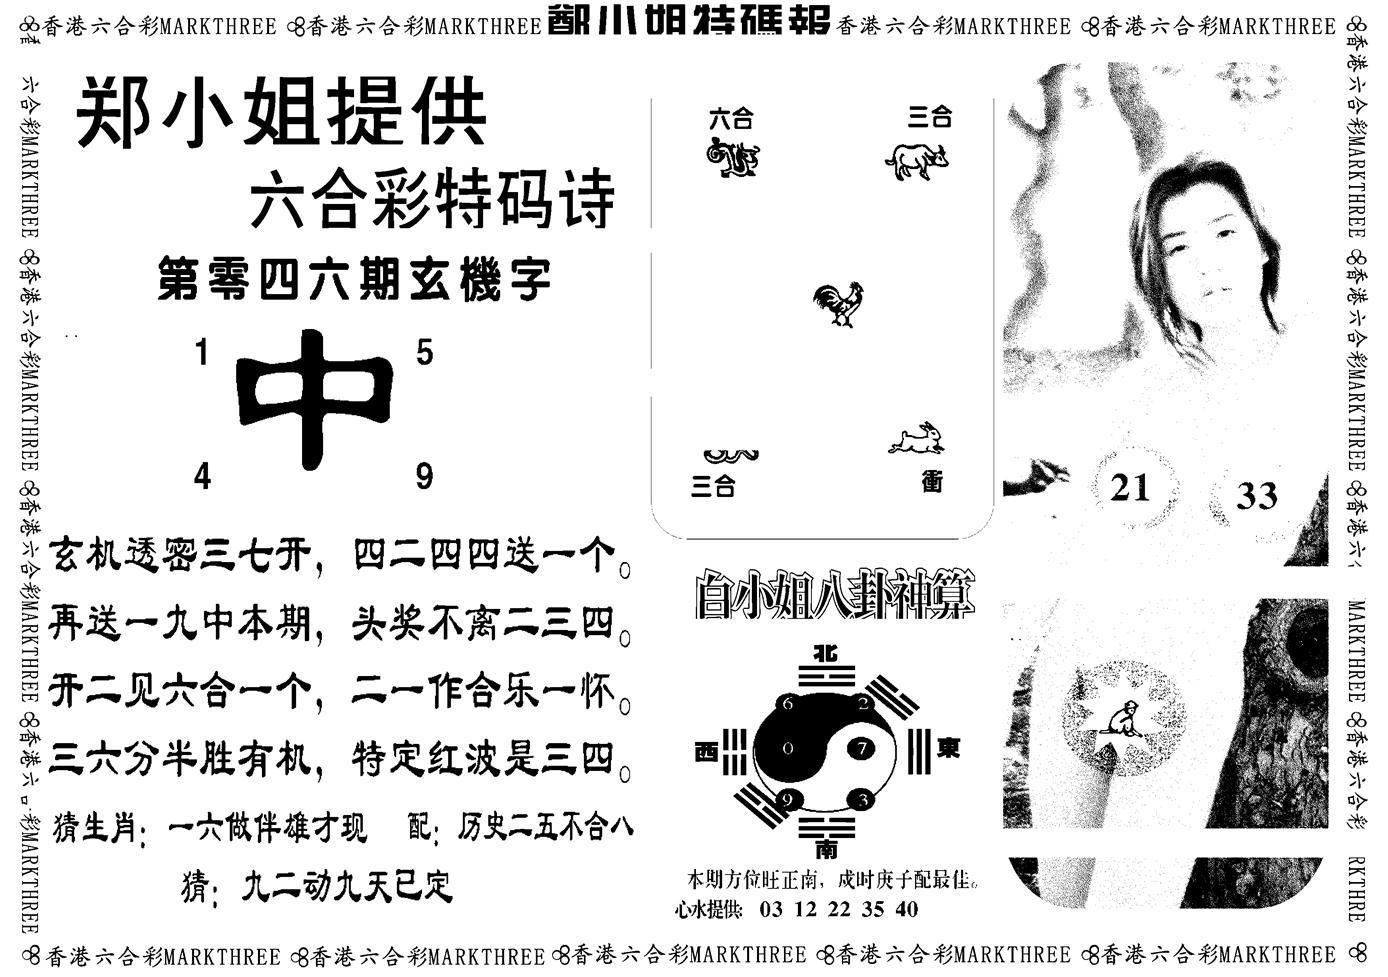 046期郑小姐特码报B(黑白)